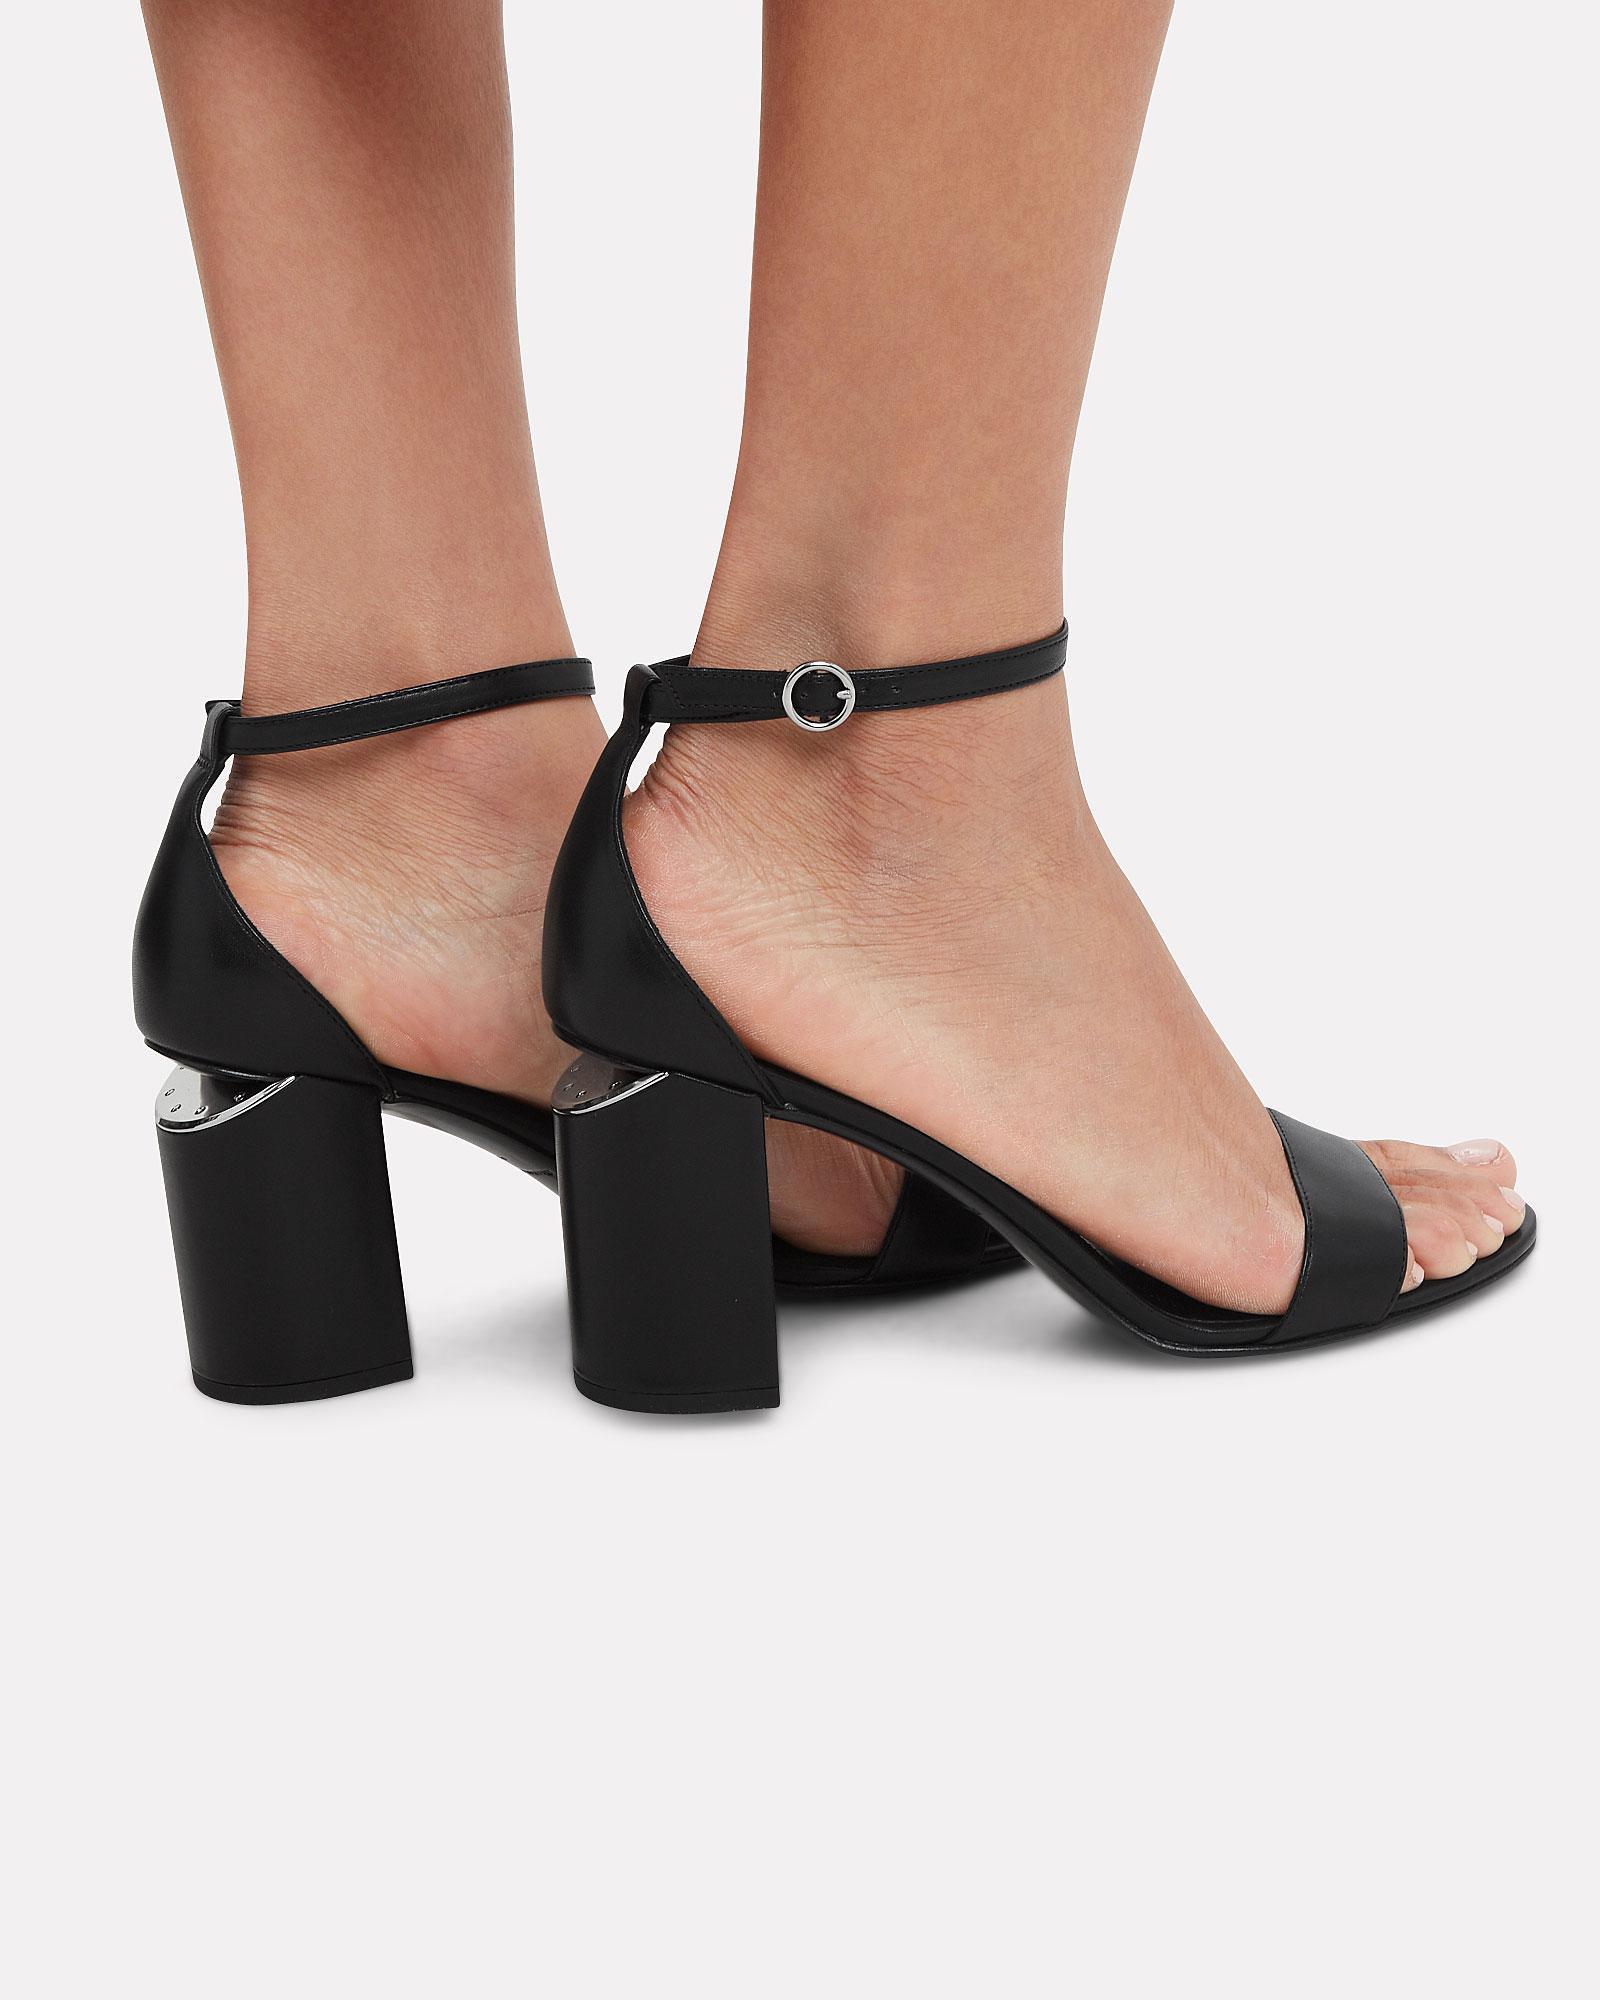 e3b1e64ee99 Lyst - Alexander Wang Abby Cutout Heel Sandals in Black